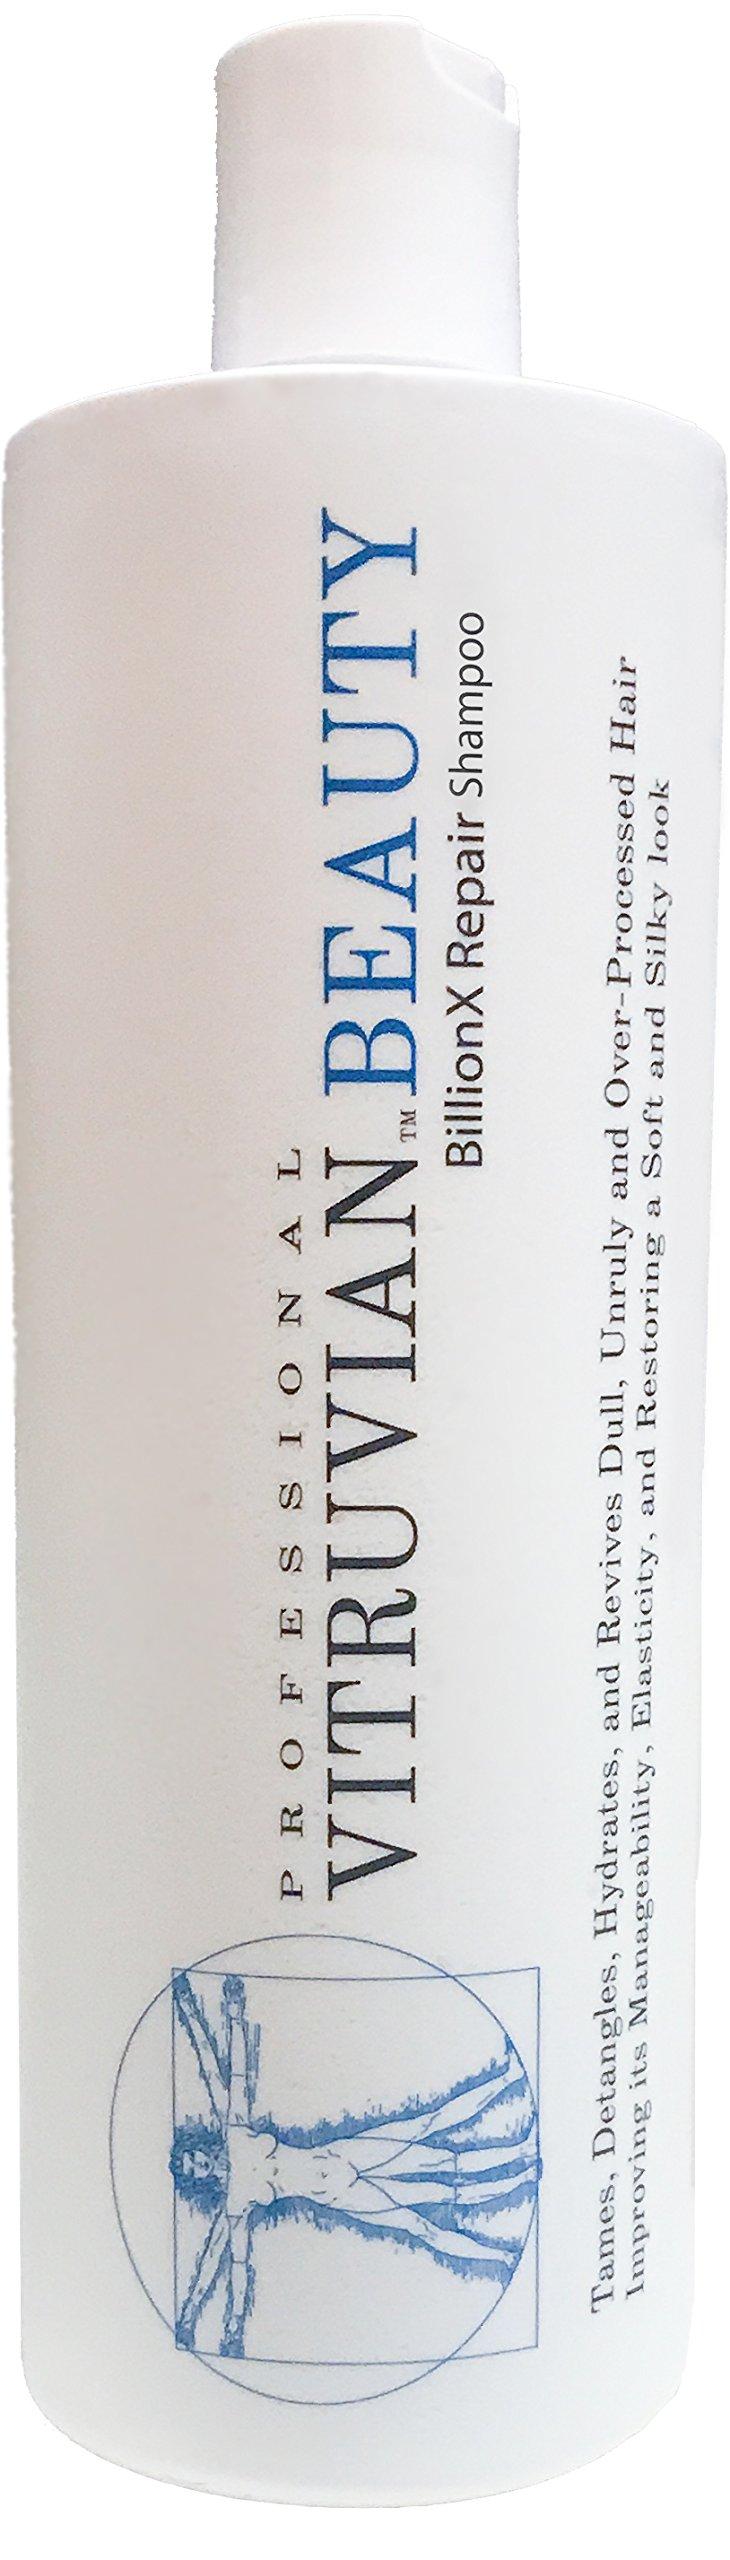 Vitruvian Beauty Billionx Repair